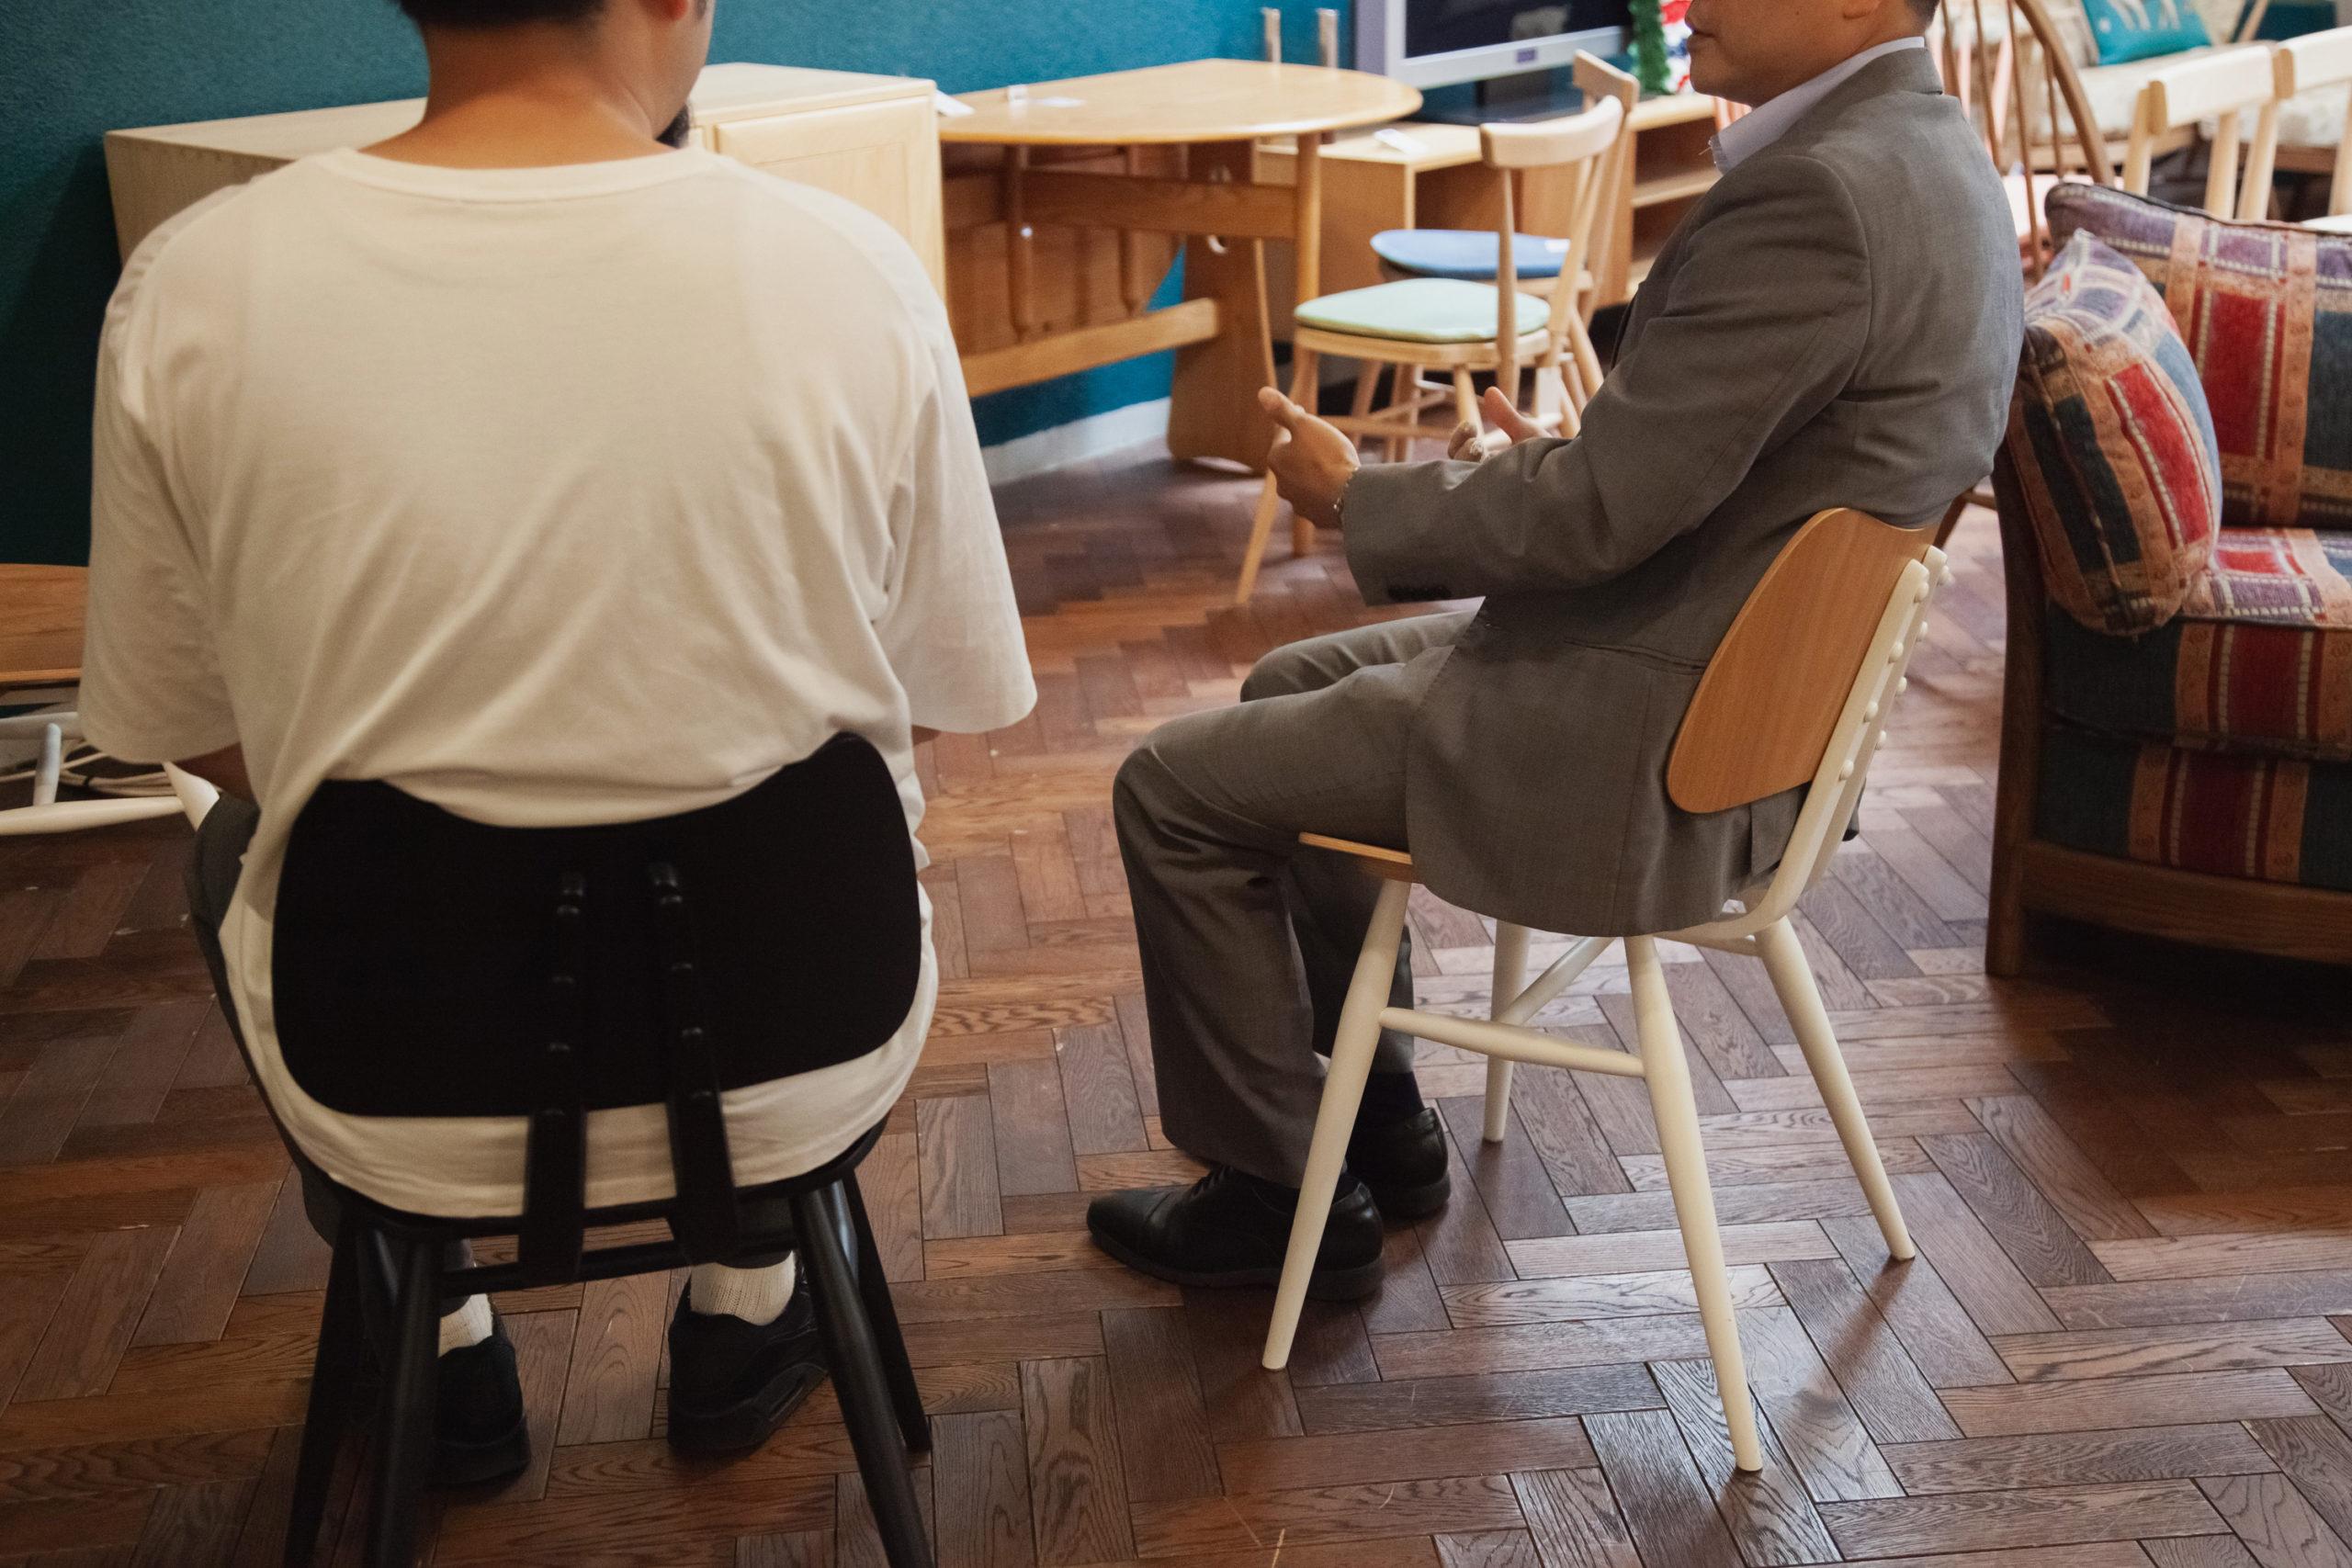 荷重に対して体に沿うようにピッタリとフィットする座り心地